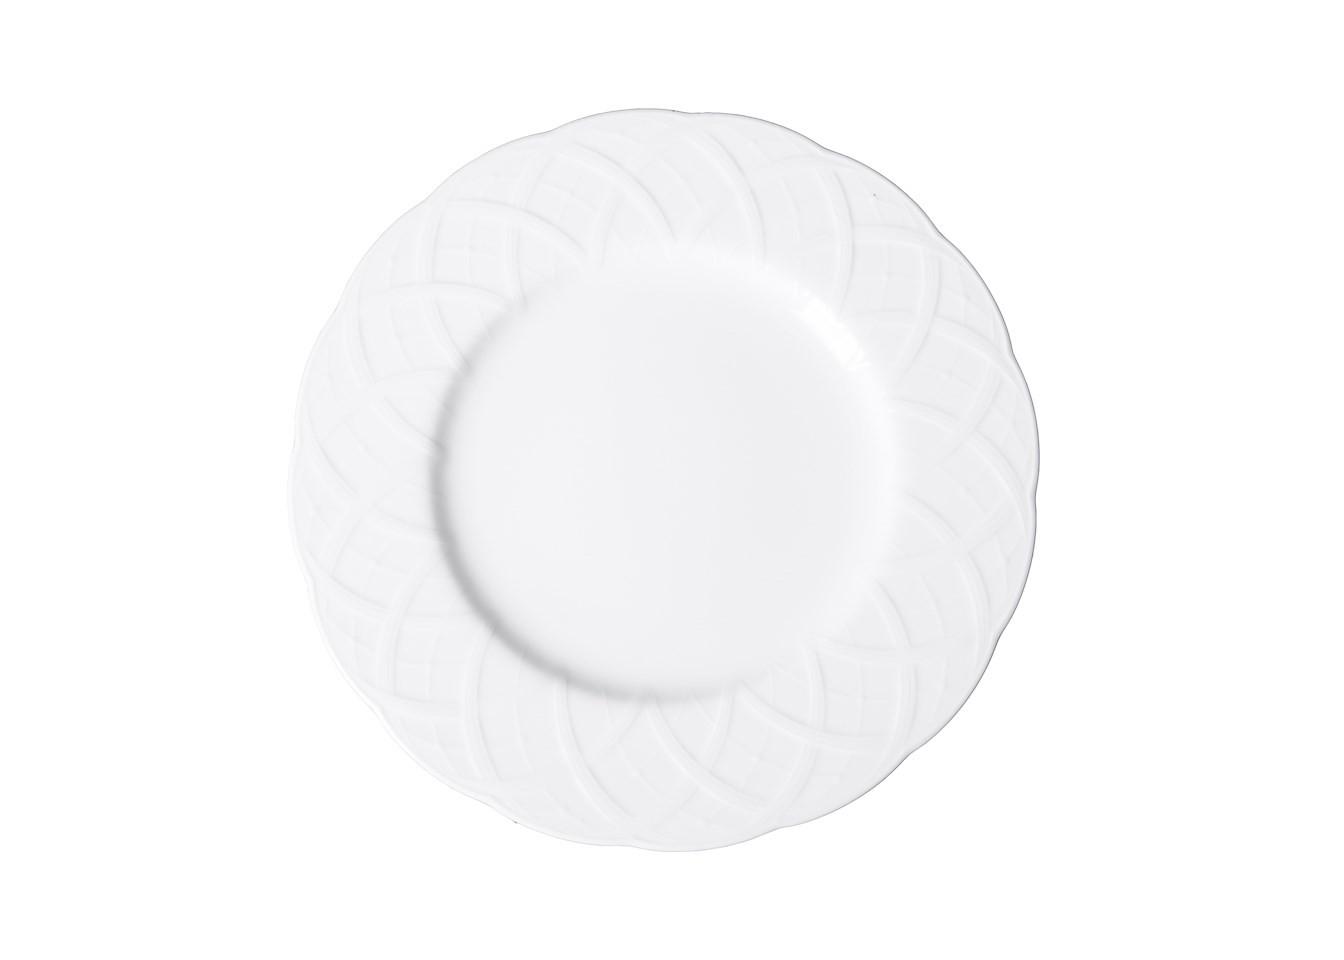 Тарелка обеденнаяТарелки<br>MIKASA по праву считается одним из мировых лидеров по производству столовой посуды из фарфора и керамики. На протяжении более полувека категории качества и дизайна являются неотъемлемой частью бренда MIKASA. Сегодня MIKASA сотрудничает со многими известными дизайнерами, работающими для лучших фабрик мира, и использует самые передовые технологии в производстве посуды. Все продукты бренда  MIKASA безупречны с точки зрения дизайна и исполнения. Благодаря огромному стилистическому разнообразию каждый может выбр<br><br>Material: Фарфор<br>Diameter см: 27